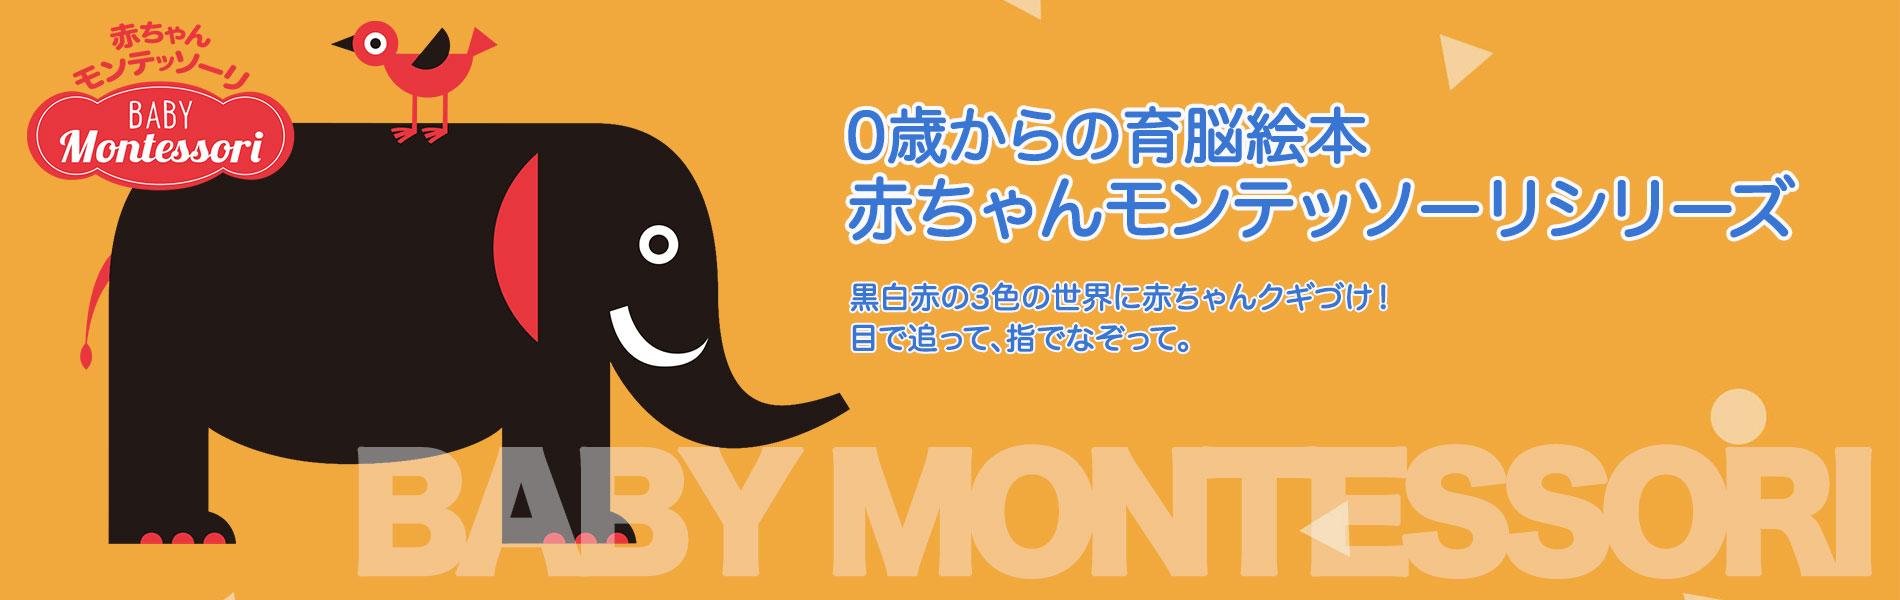 赤ちゃんモンテッソーリシリーズ